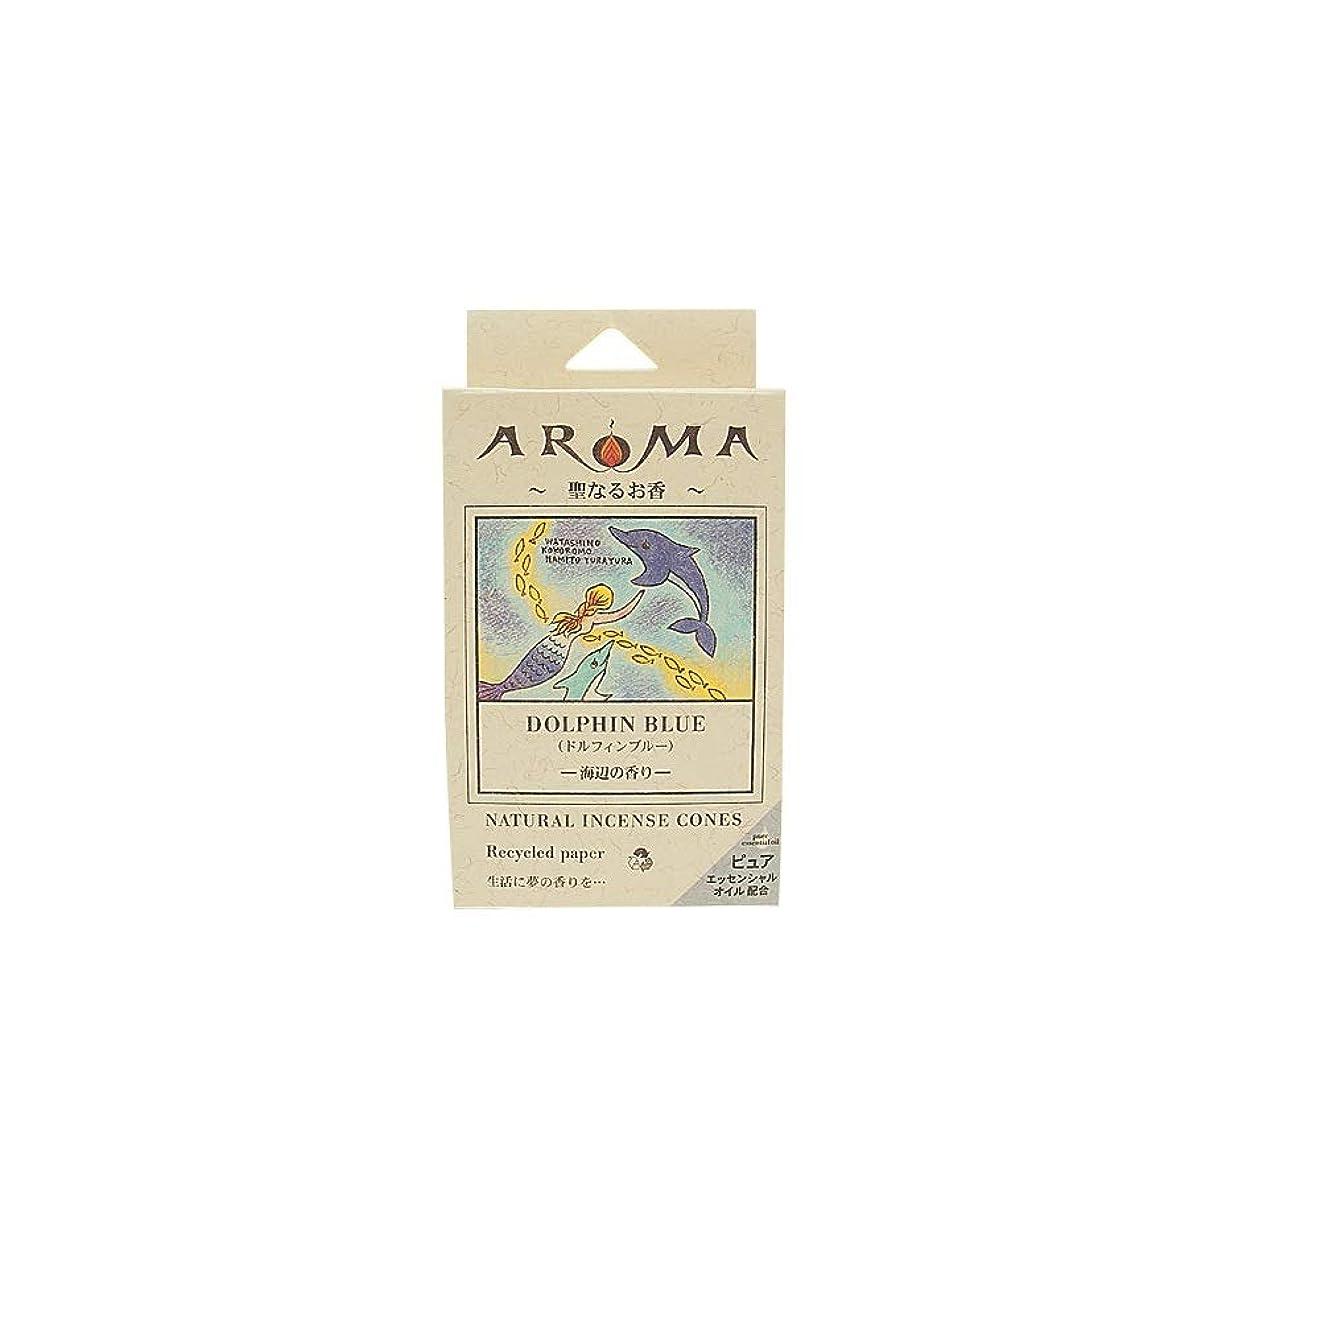 宇宙ののど読みやすいアロマ香 ドルフィンブルー 16粒(コーンタイプインセンス 1粒の燃焼時間約20分 海辺の香り)